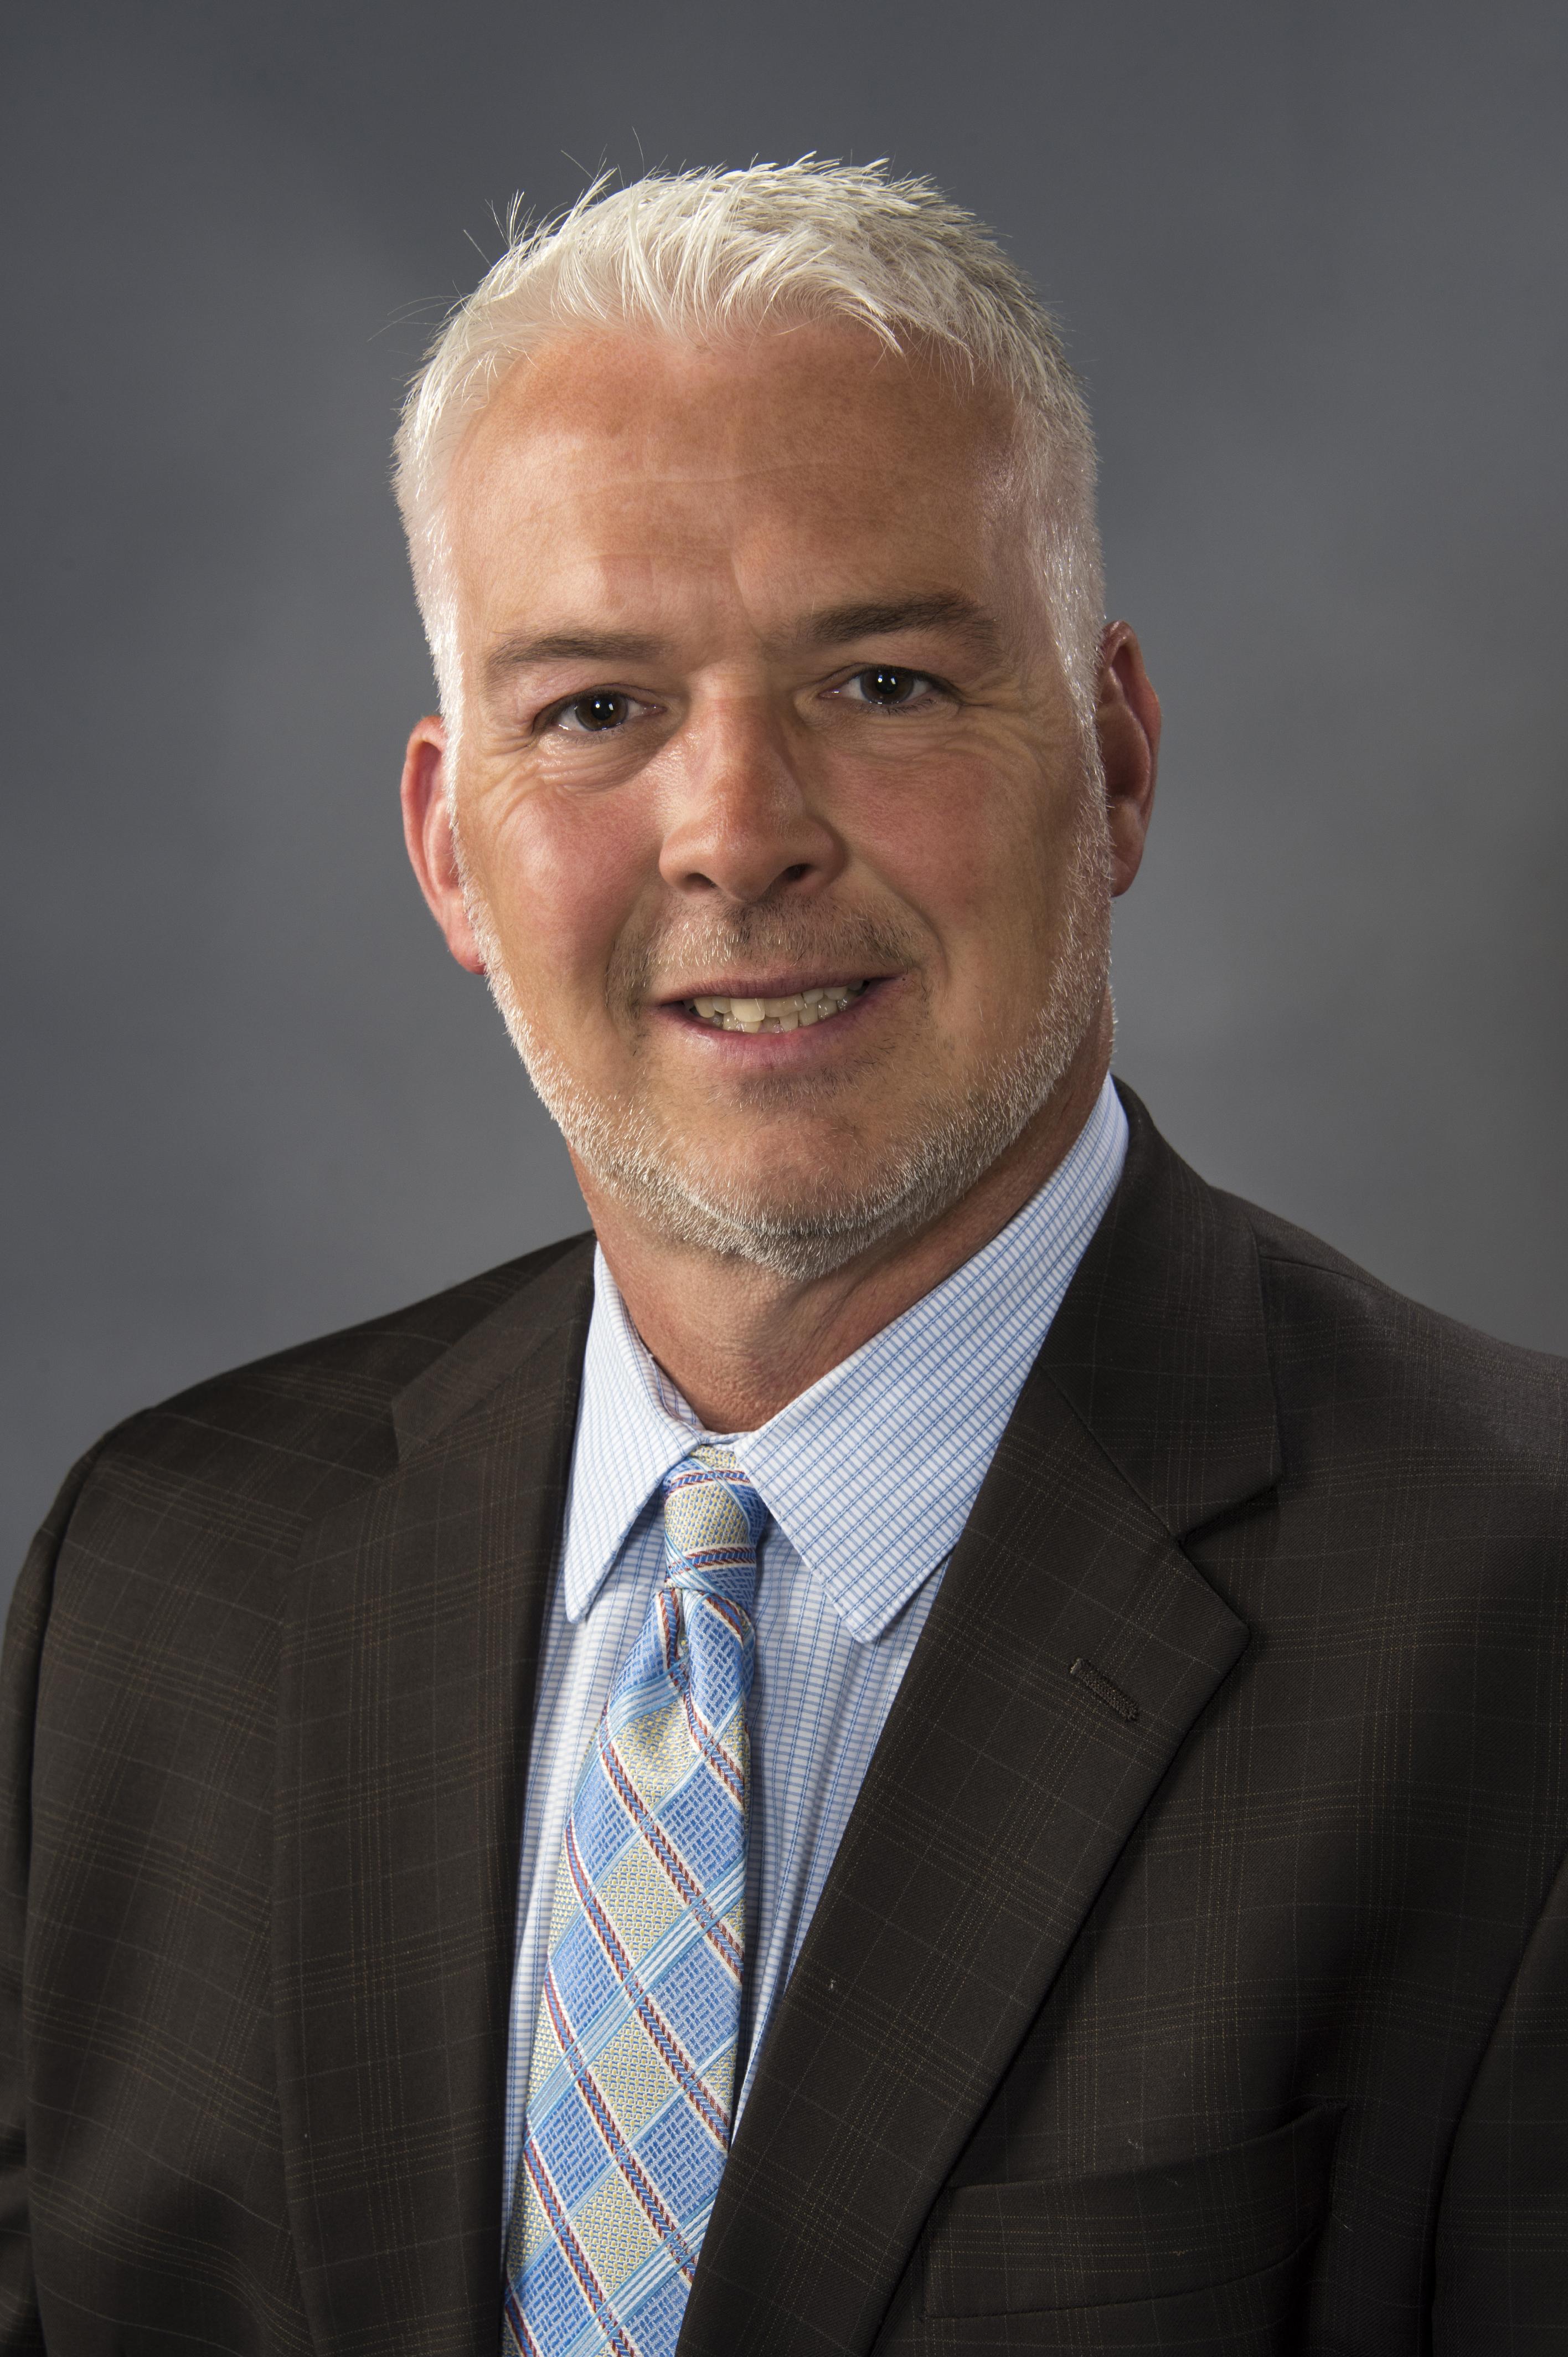 Warren Todd Colville